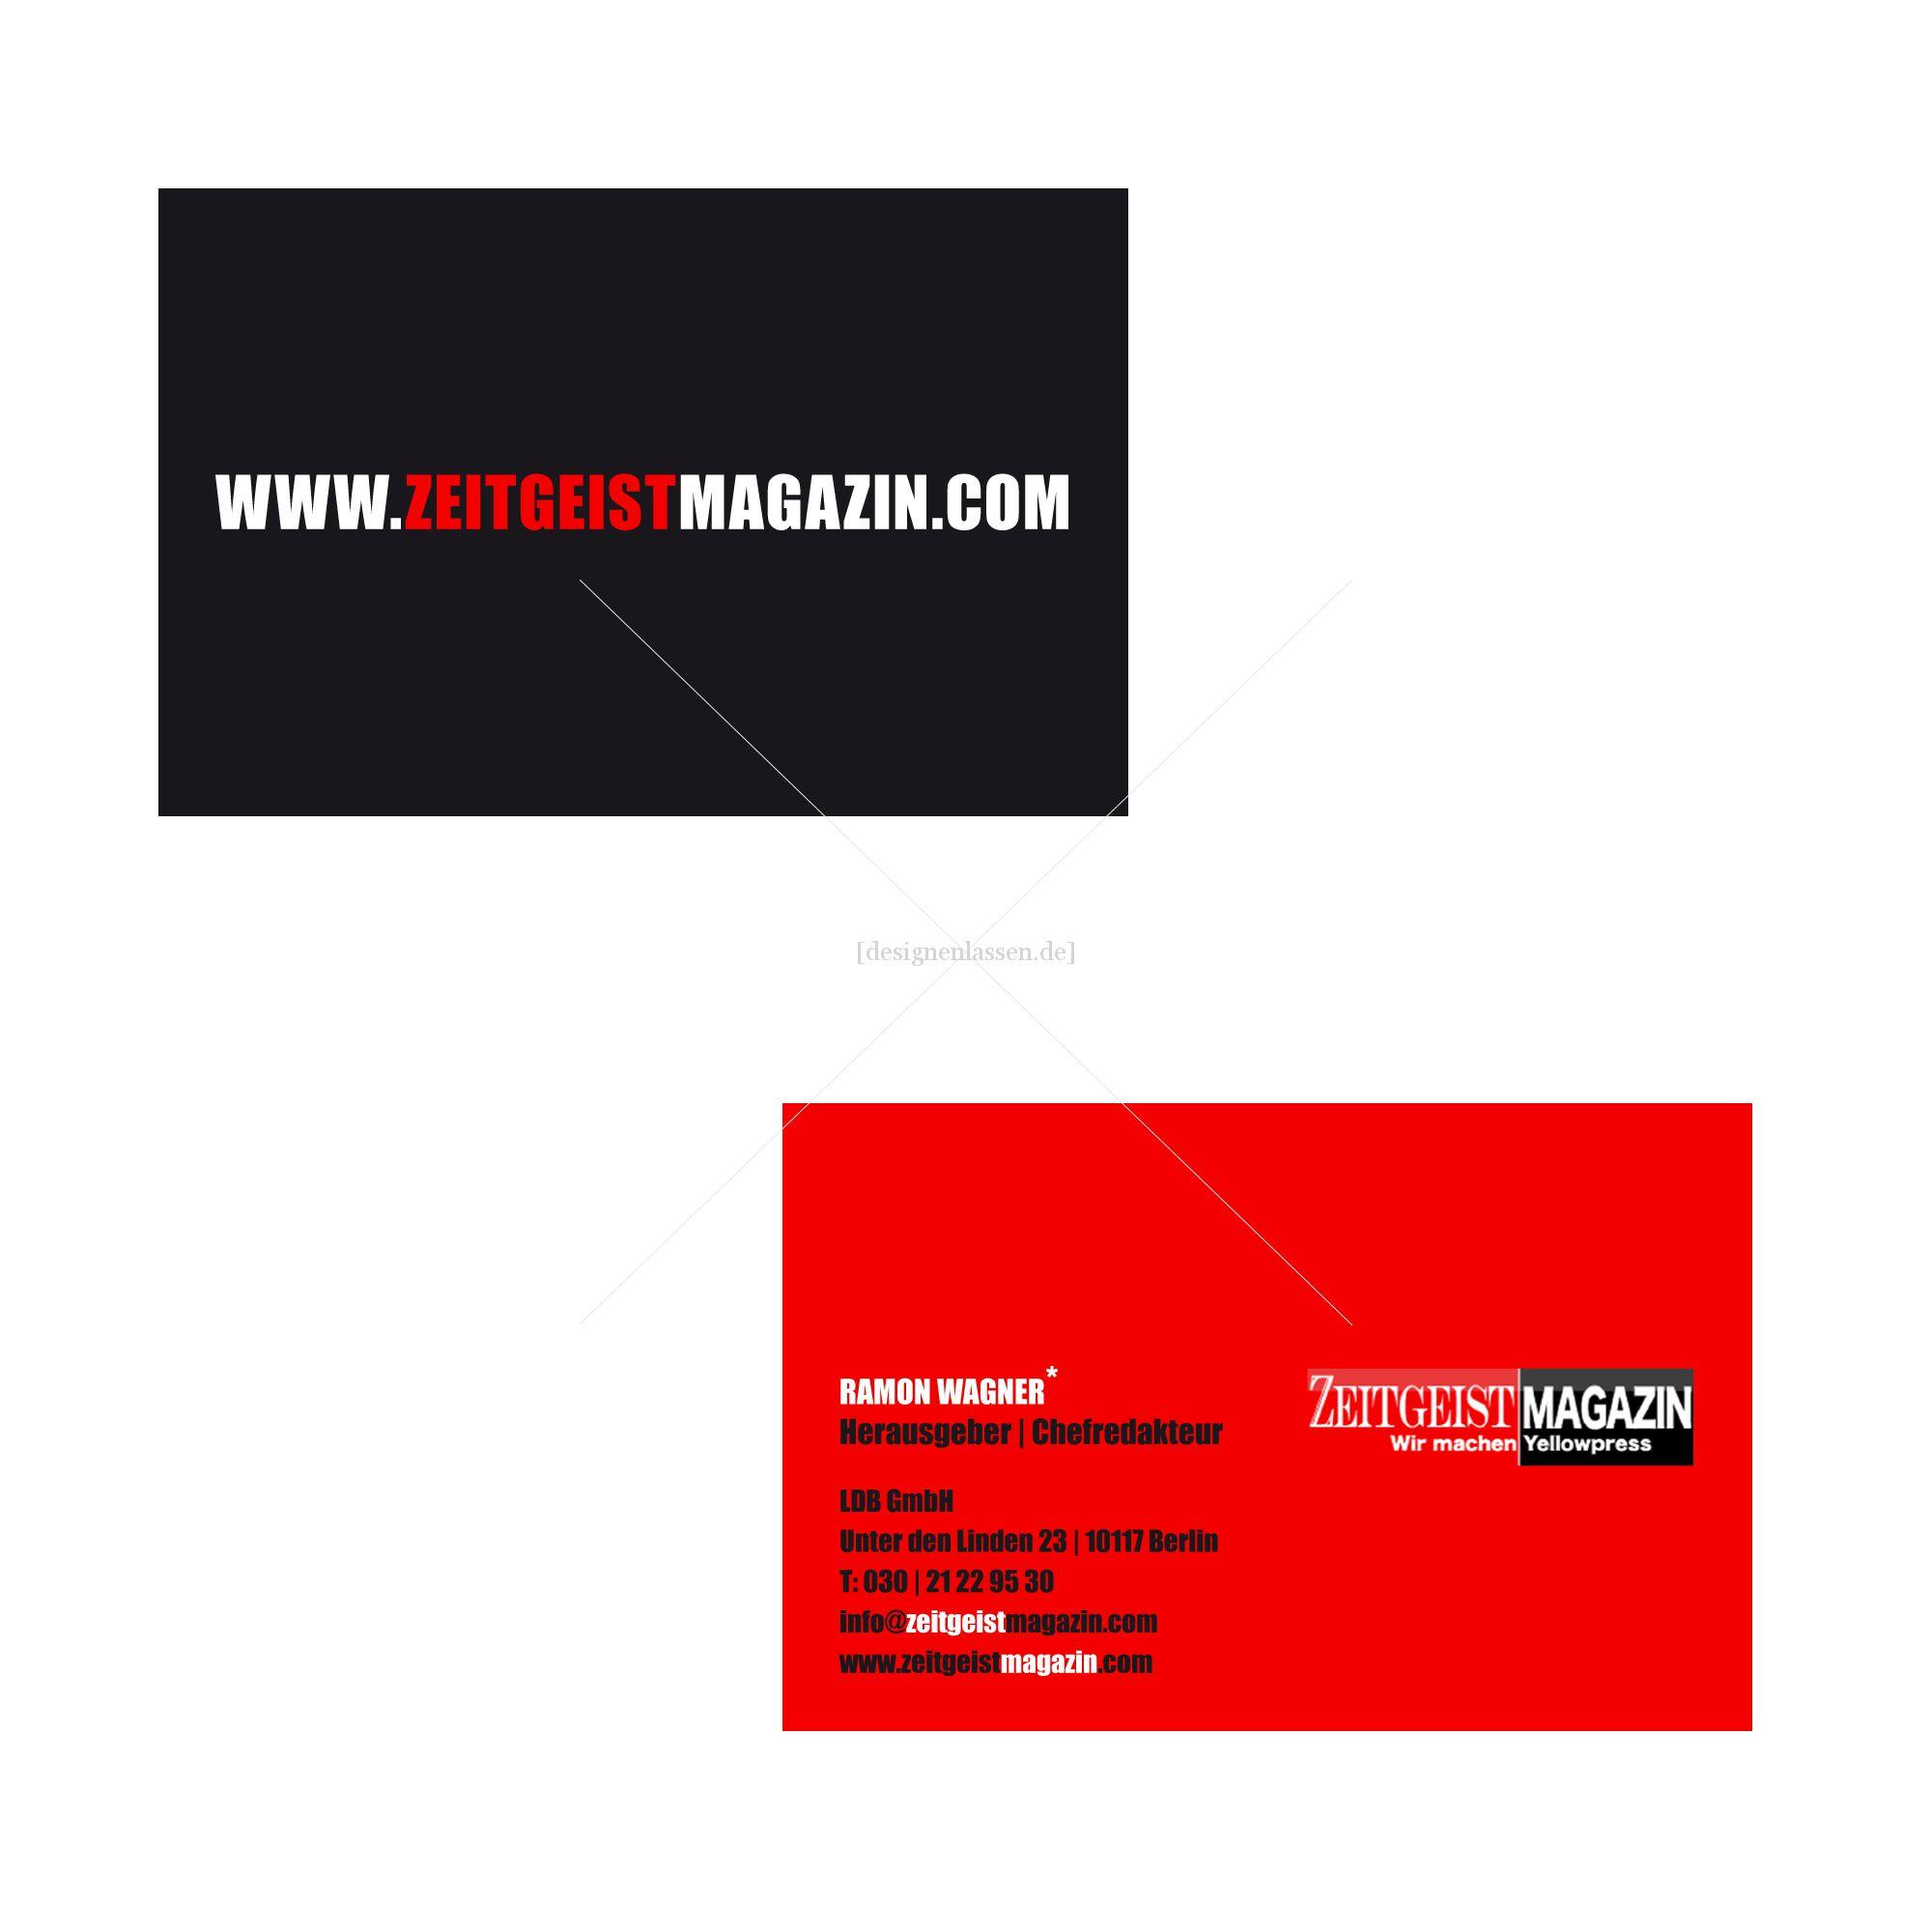 Visitenkarte Visitenkarten Design Designenlassen De